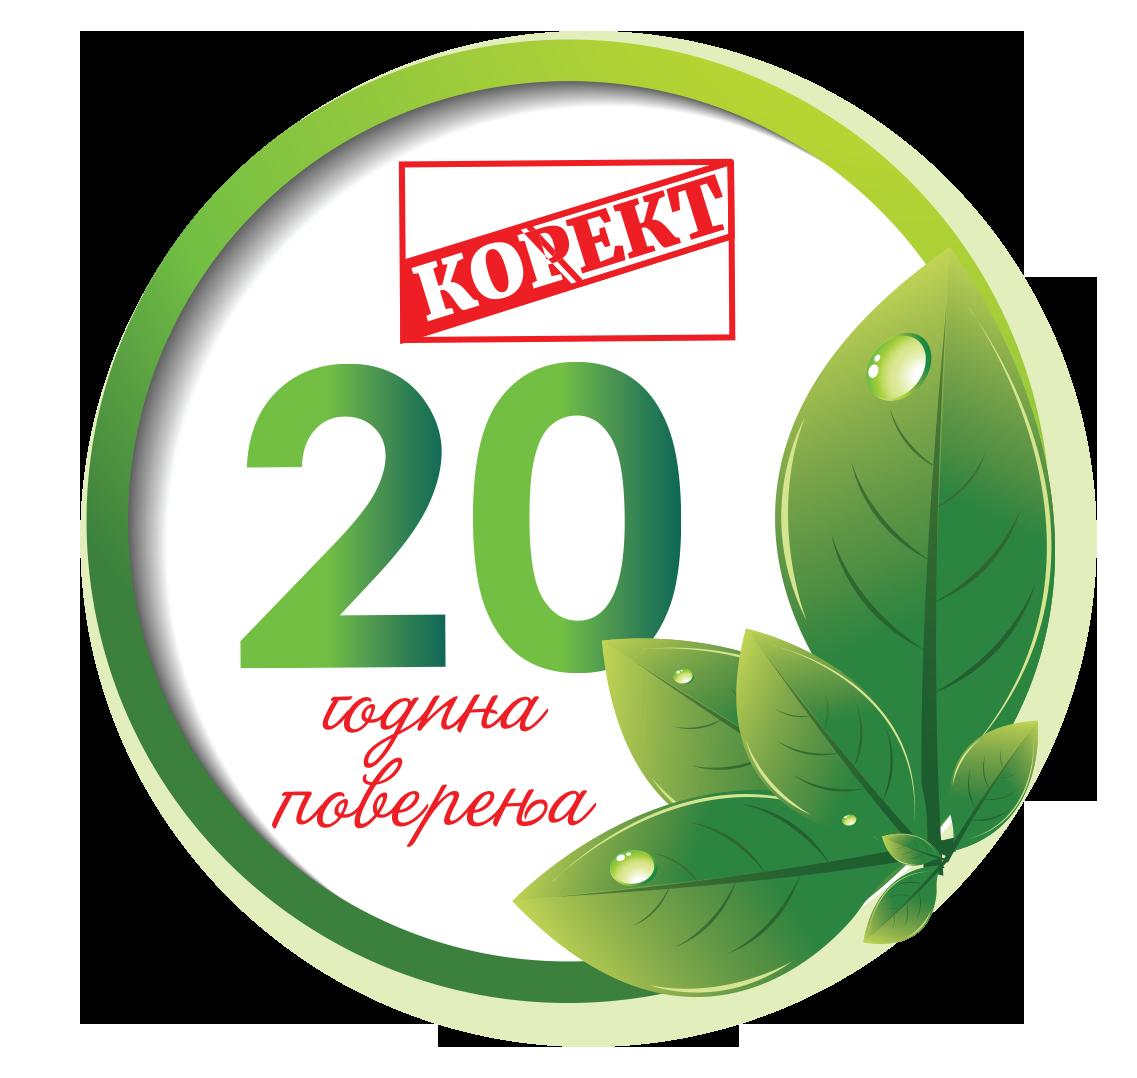 logo-za-sve